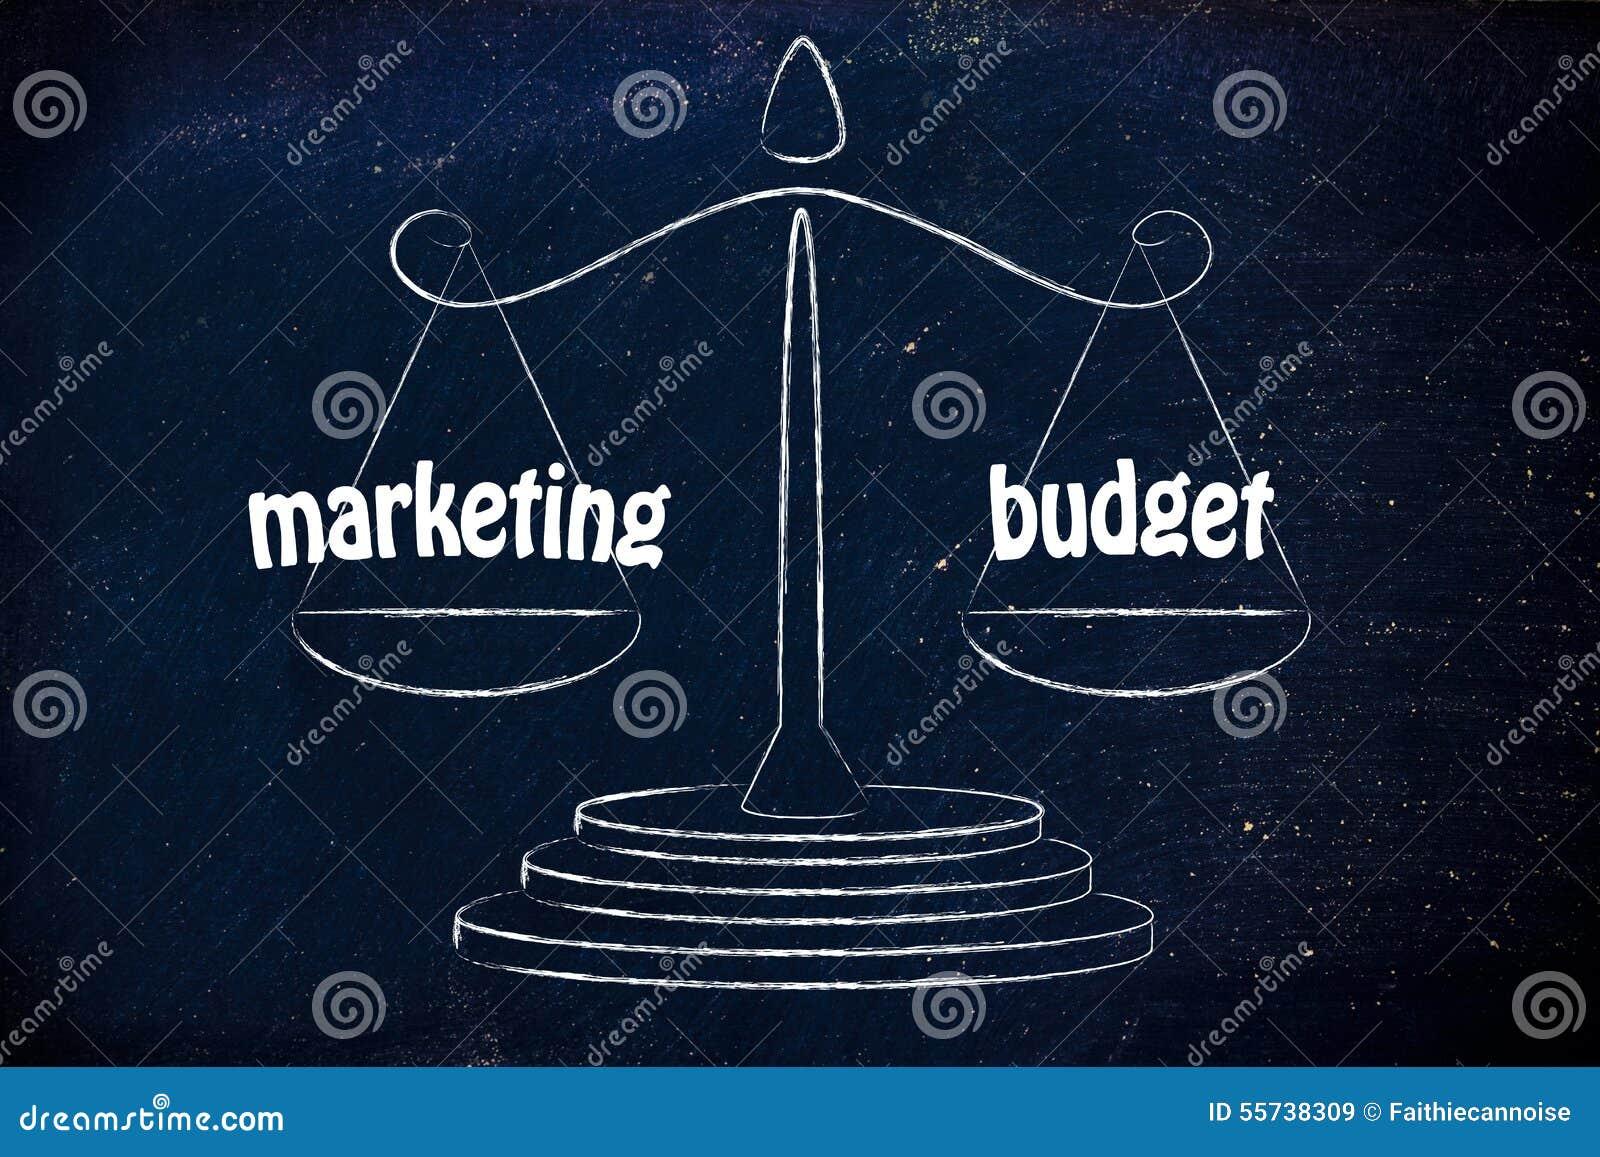 Znajdować dobrą równowagę w biznesie: wprowadzać na rynek & budżeta wartości